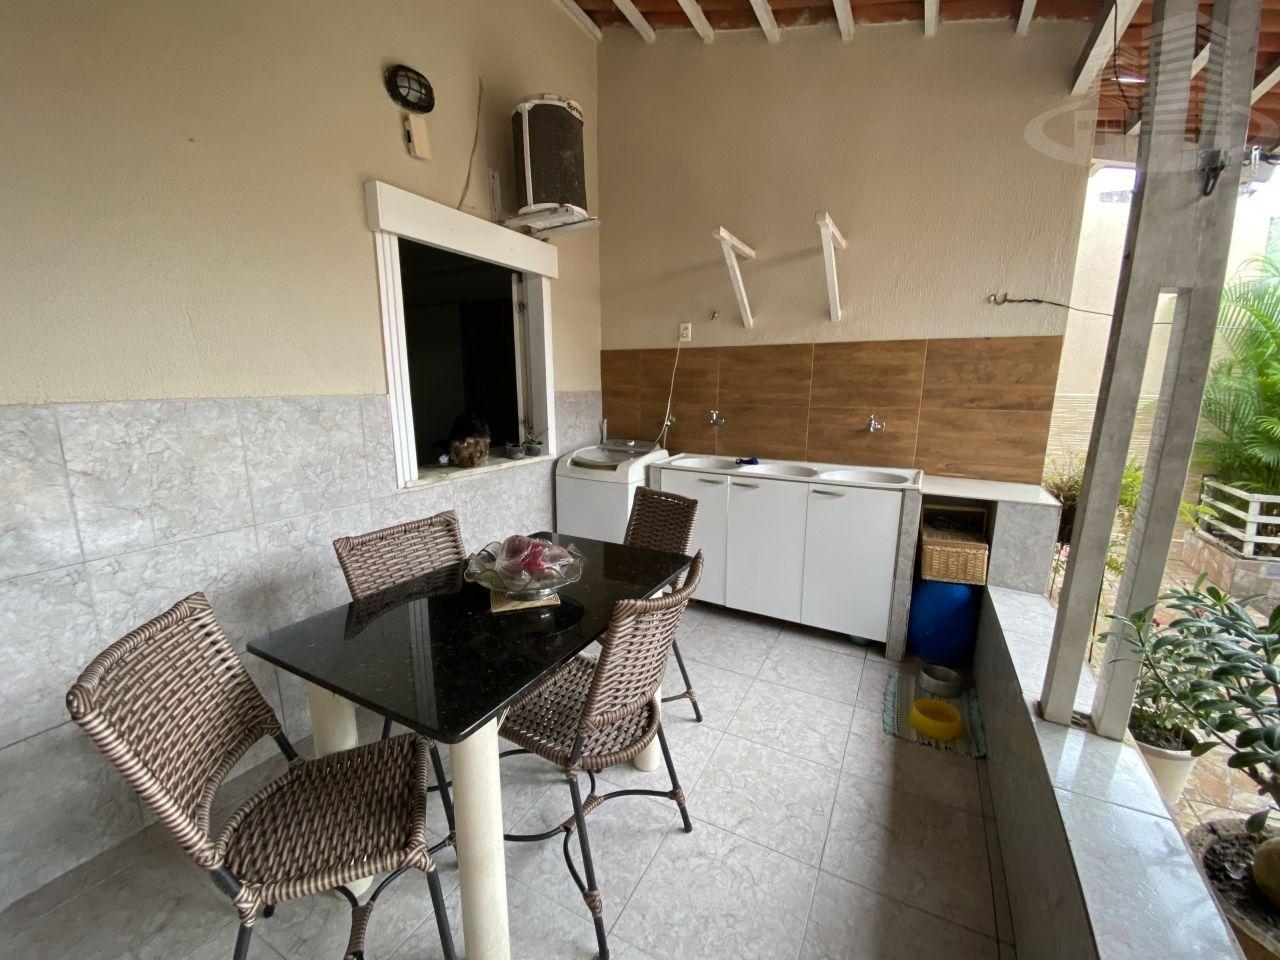 Casa com 2 Dormitórios à venda, 80 m² por R$ 280.000,00